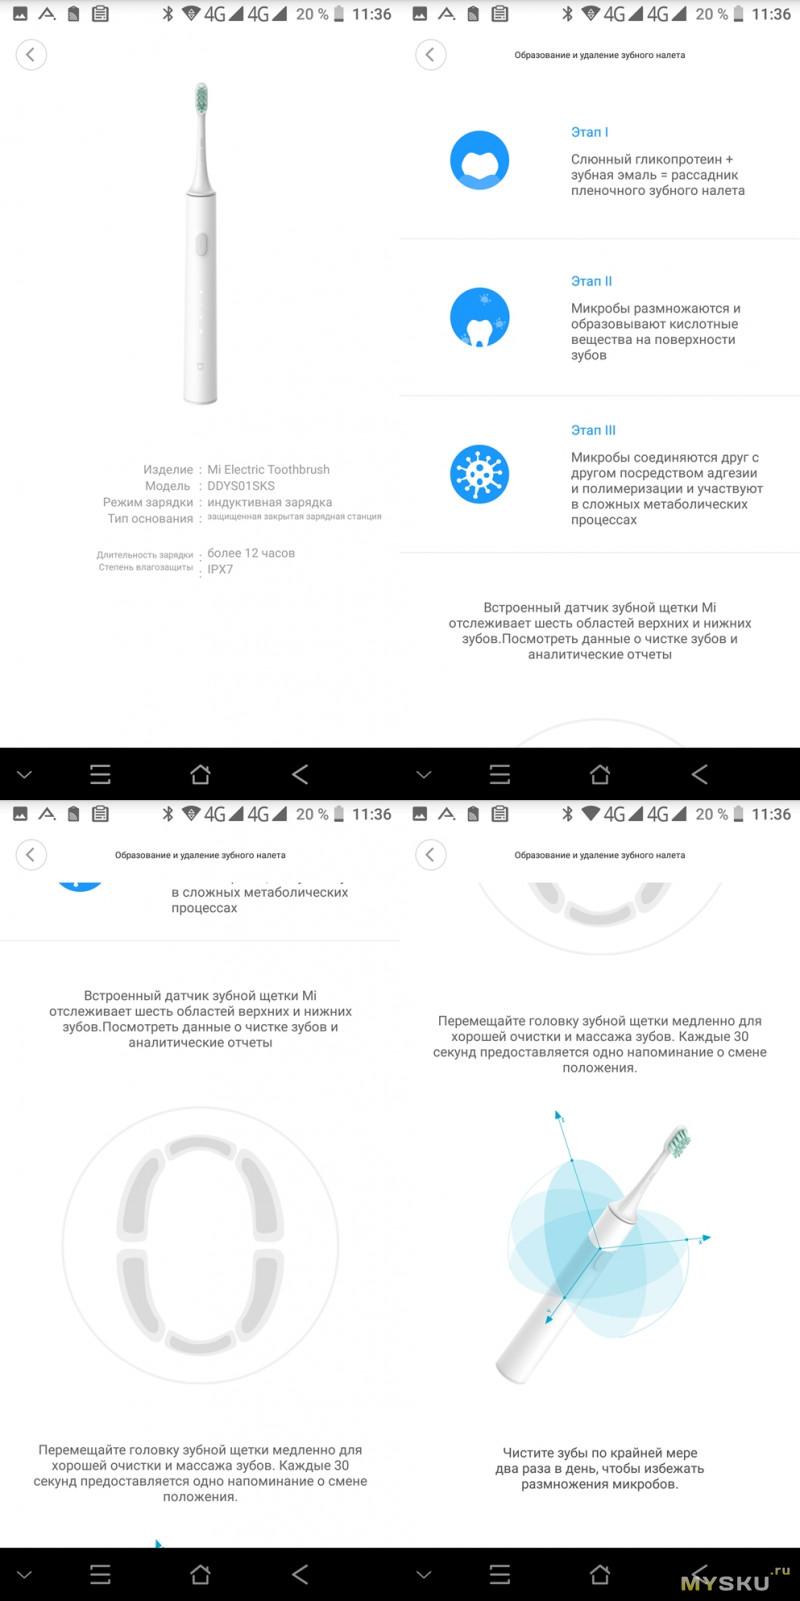 Звуковая зубная щетка Xiaomi MiJia